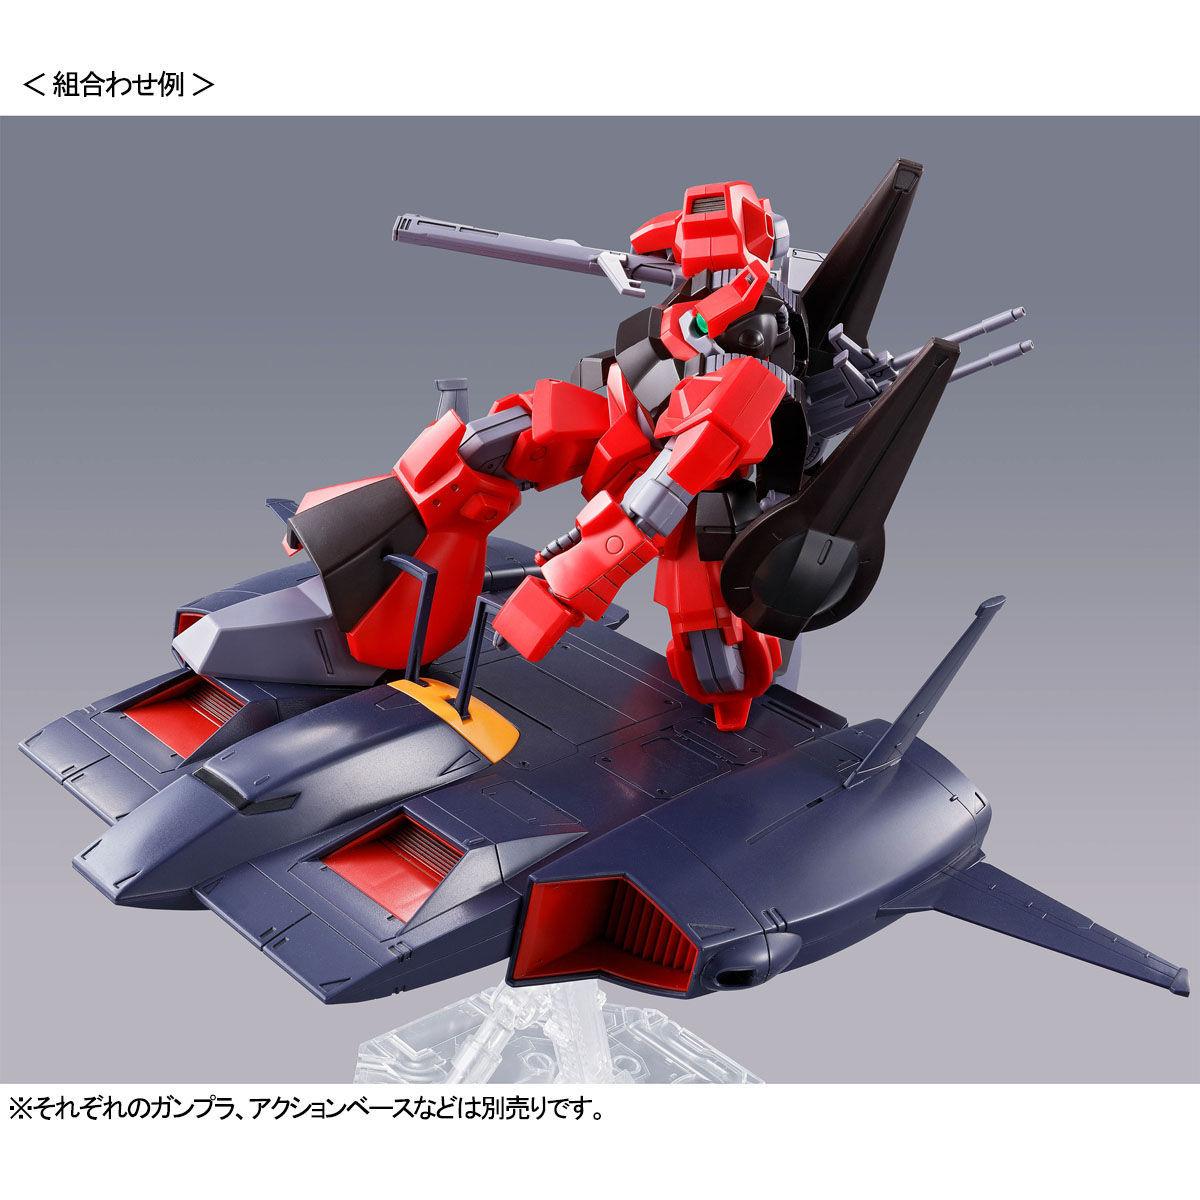 HG リック・ディアス(クワトロ・バジーナ機)12